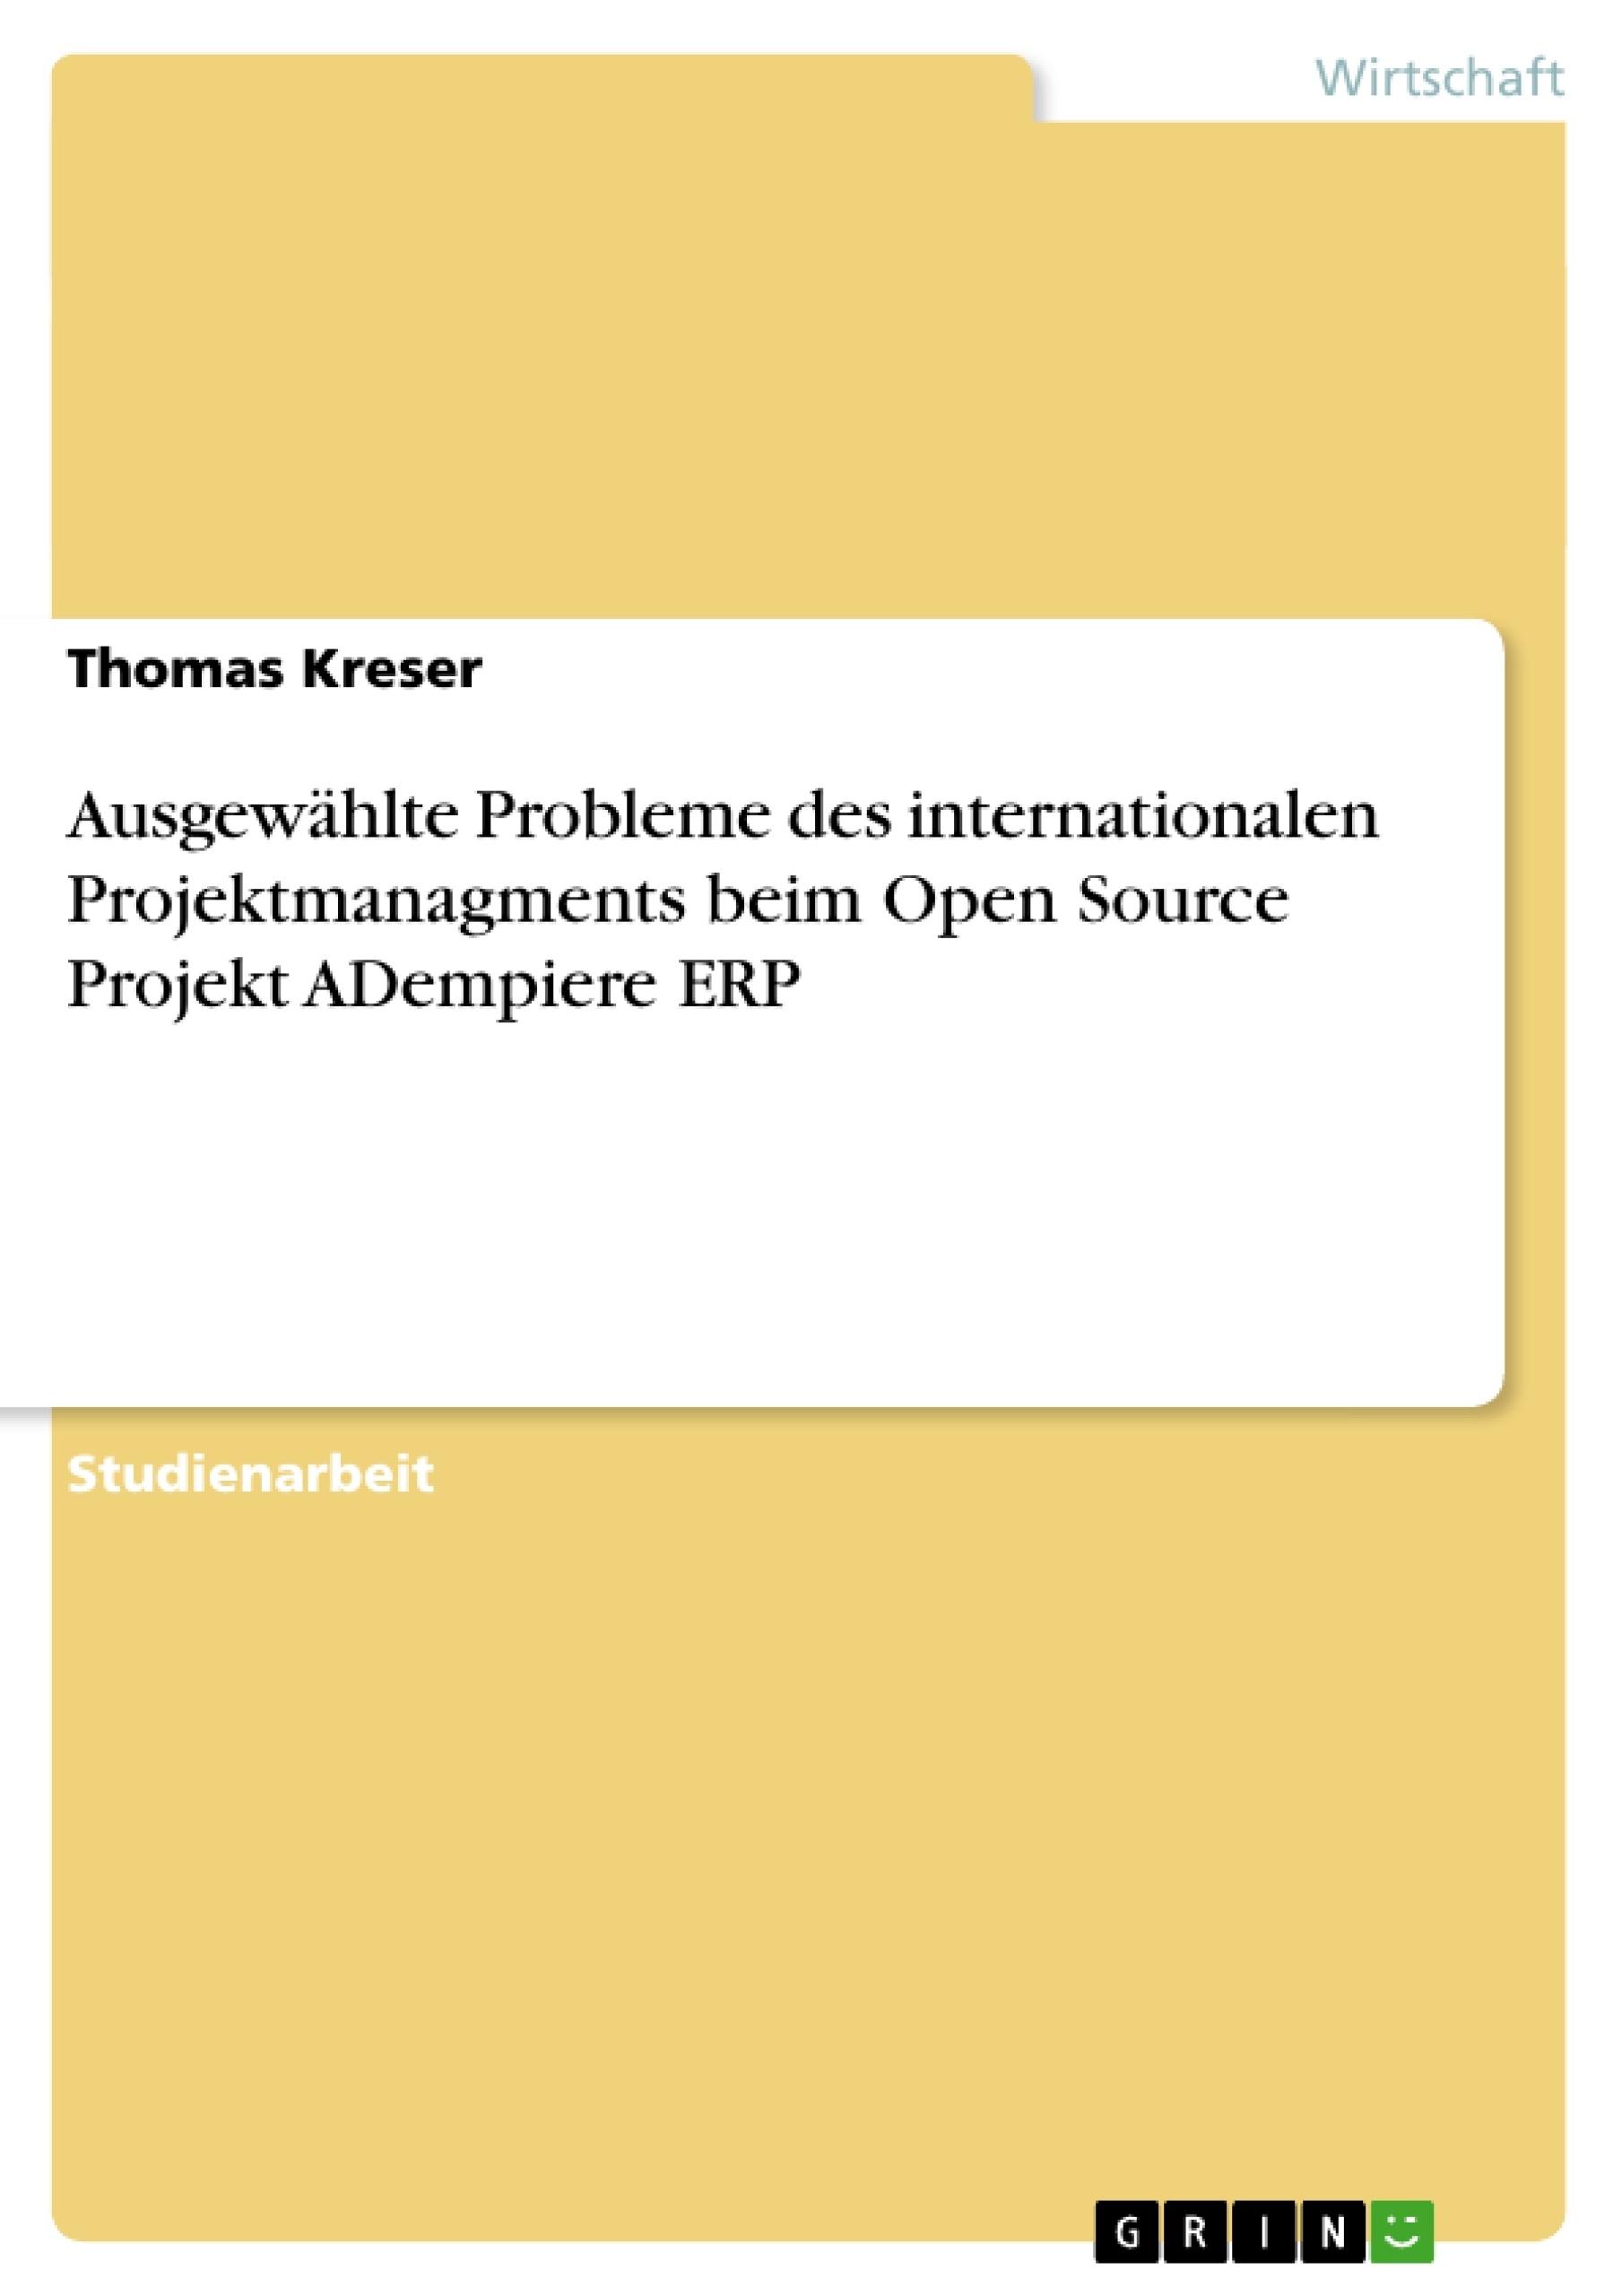 Titel: Ausgewählte Probleme des internationalen Projektmanagments beim Open Source Projekt ADempiere ERP